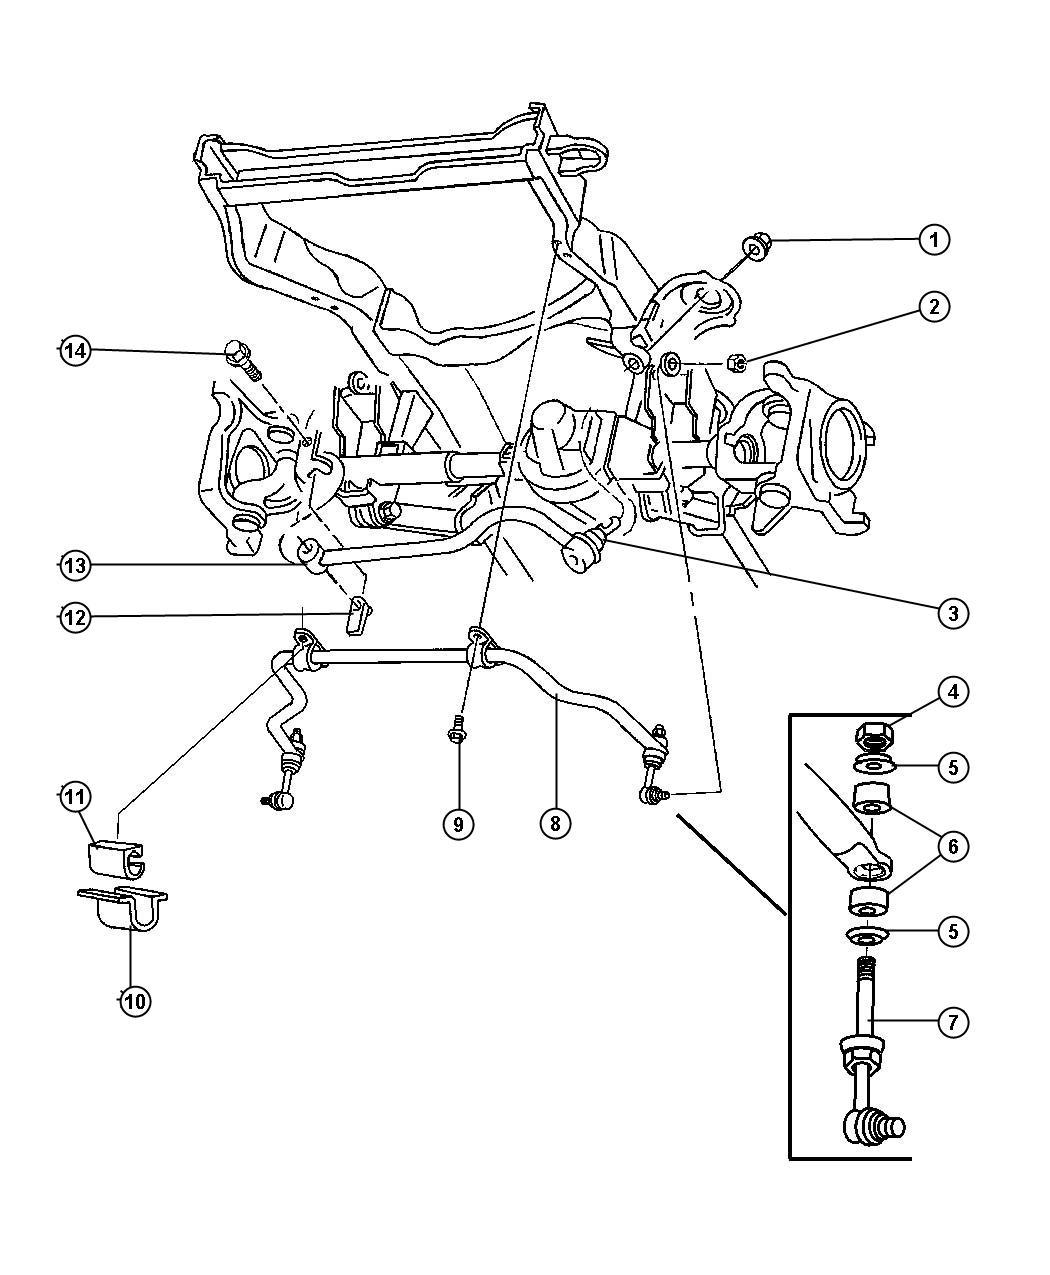 Dodge Ram 2500 Parts Diagram